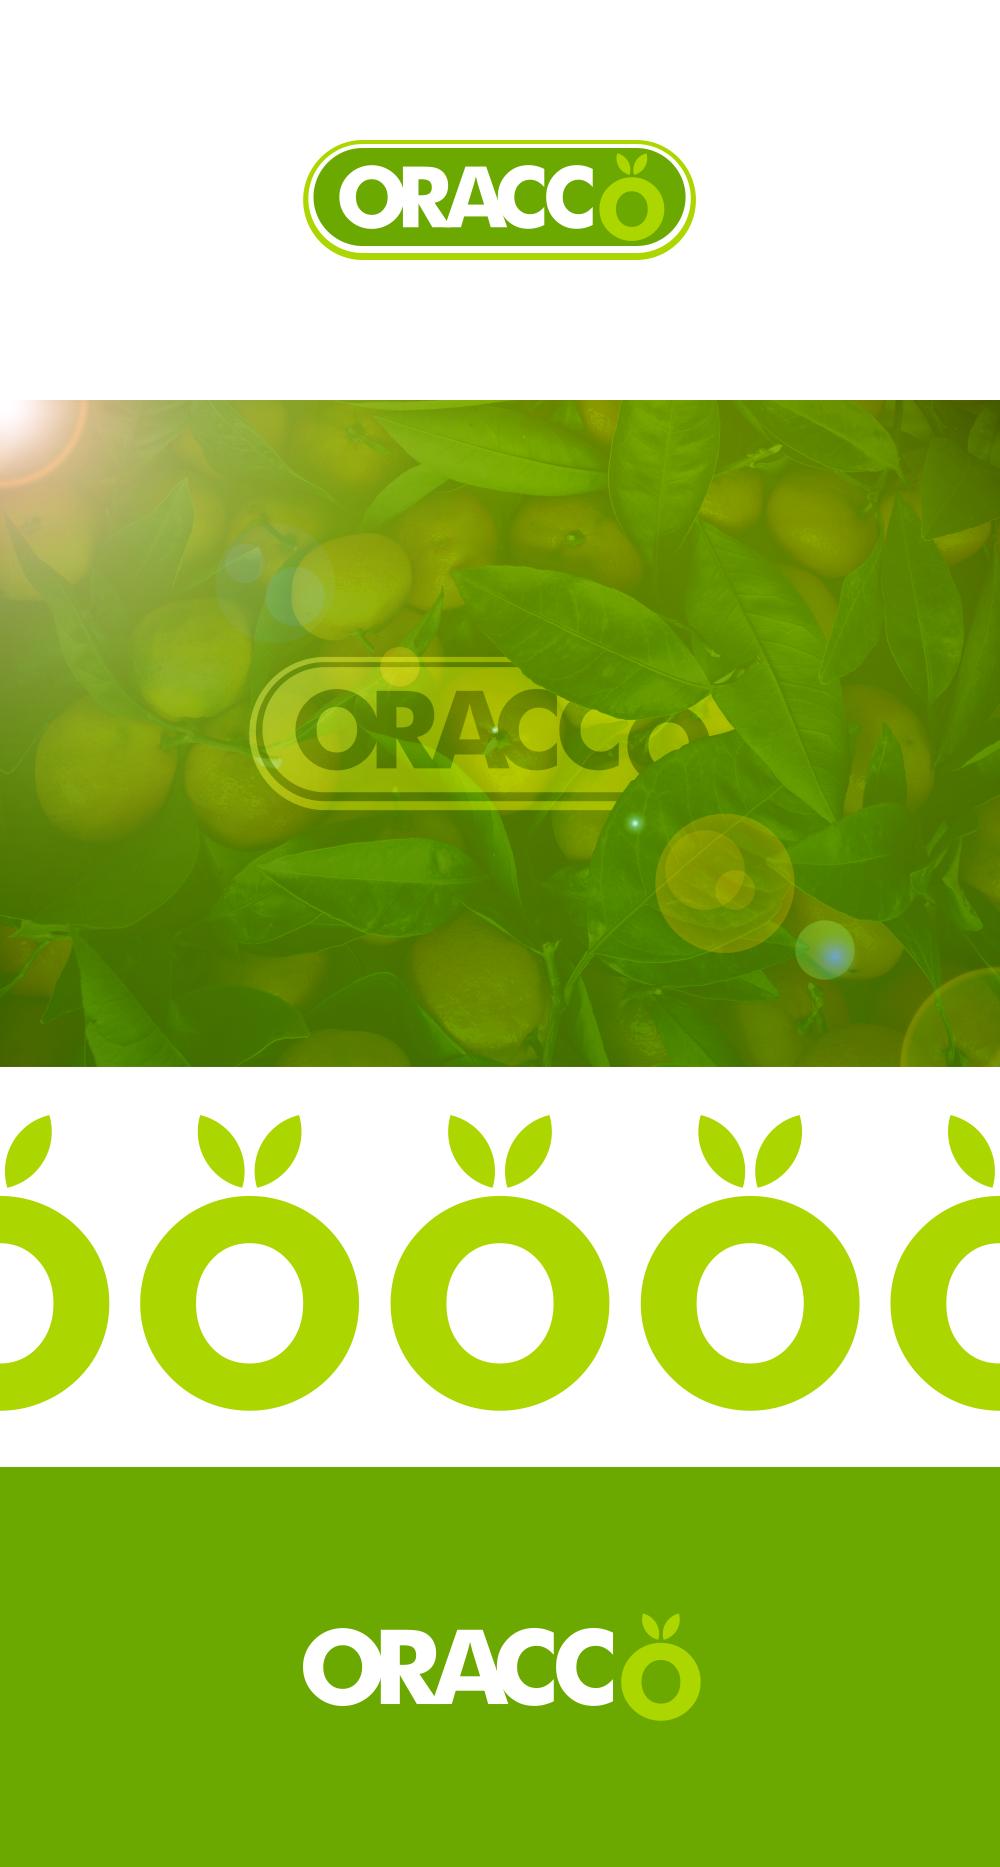 Oracco